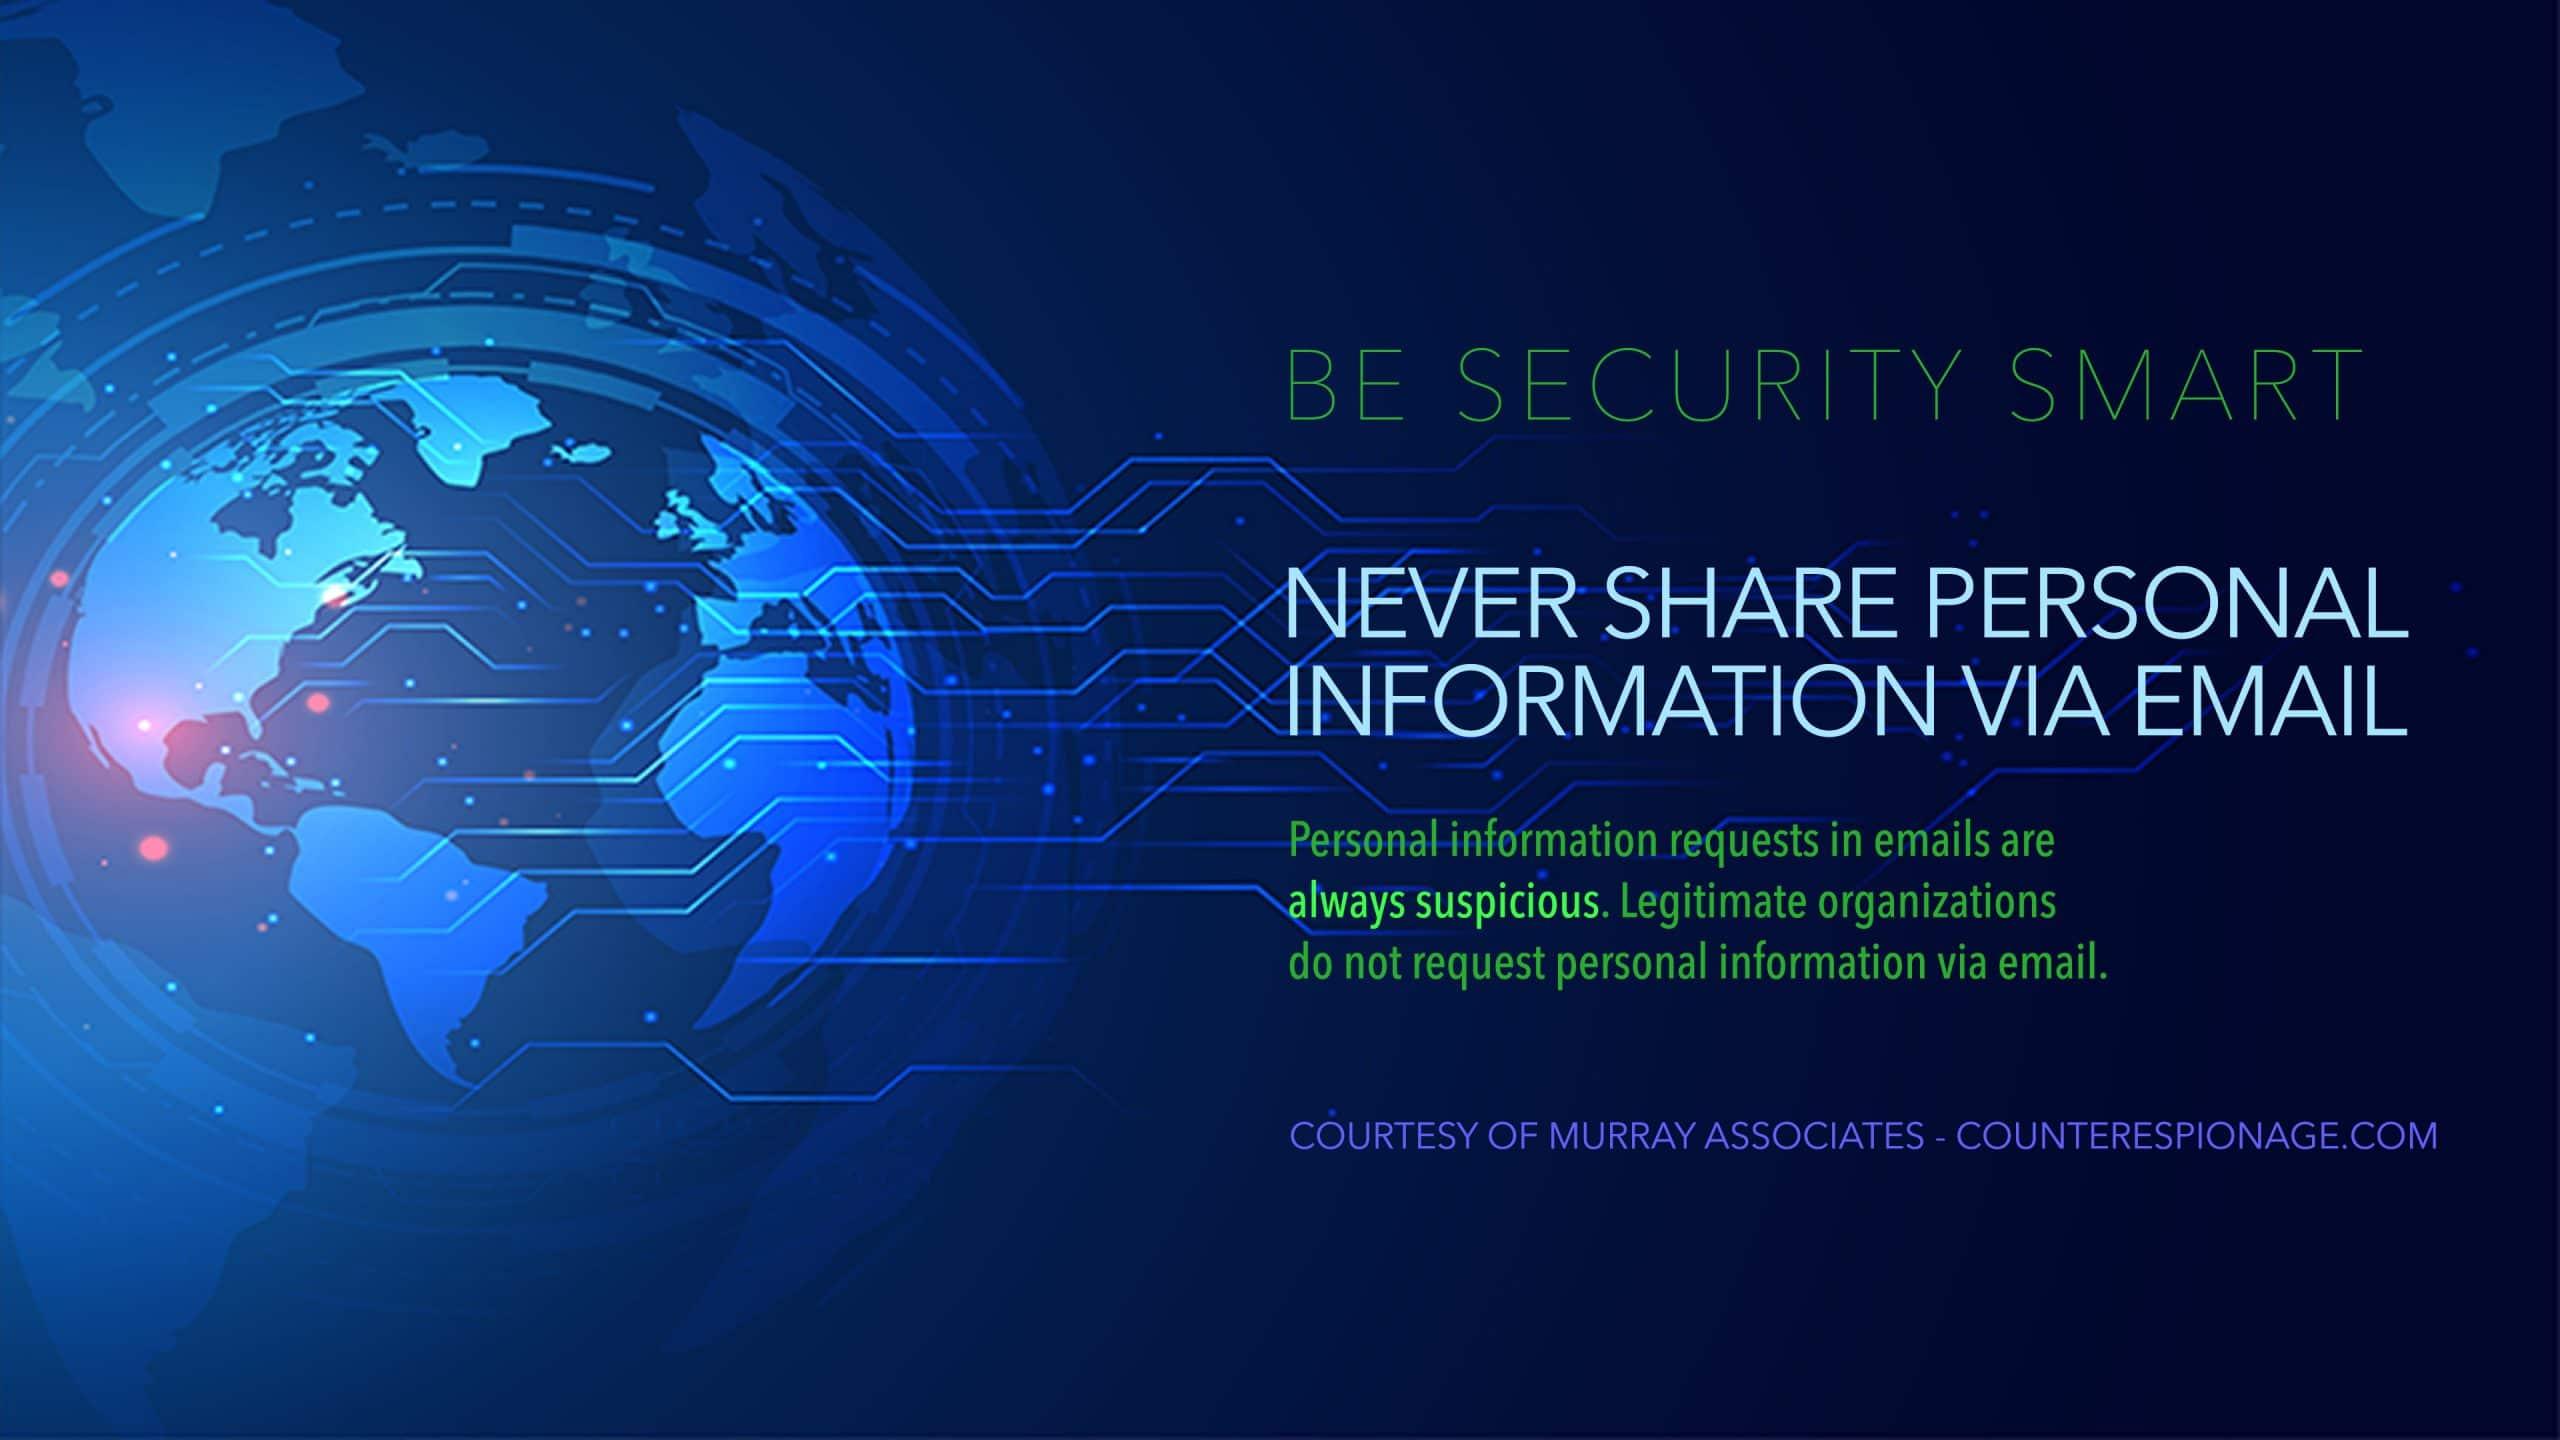 Security Screen Saver 3-2